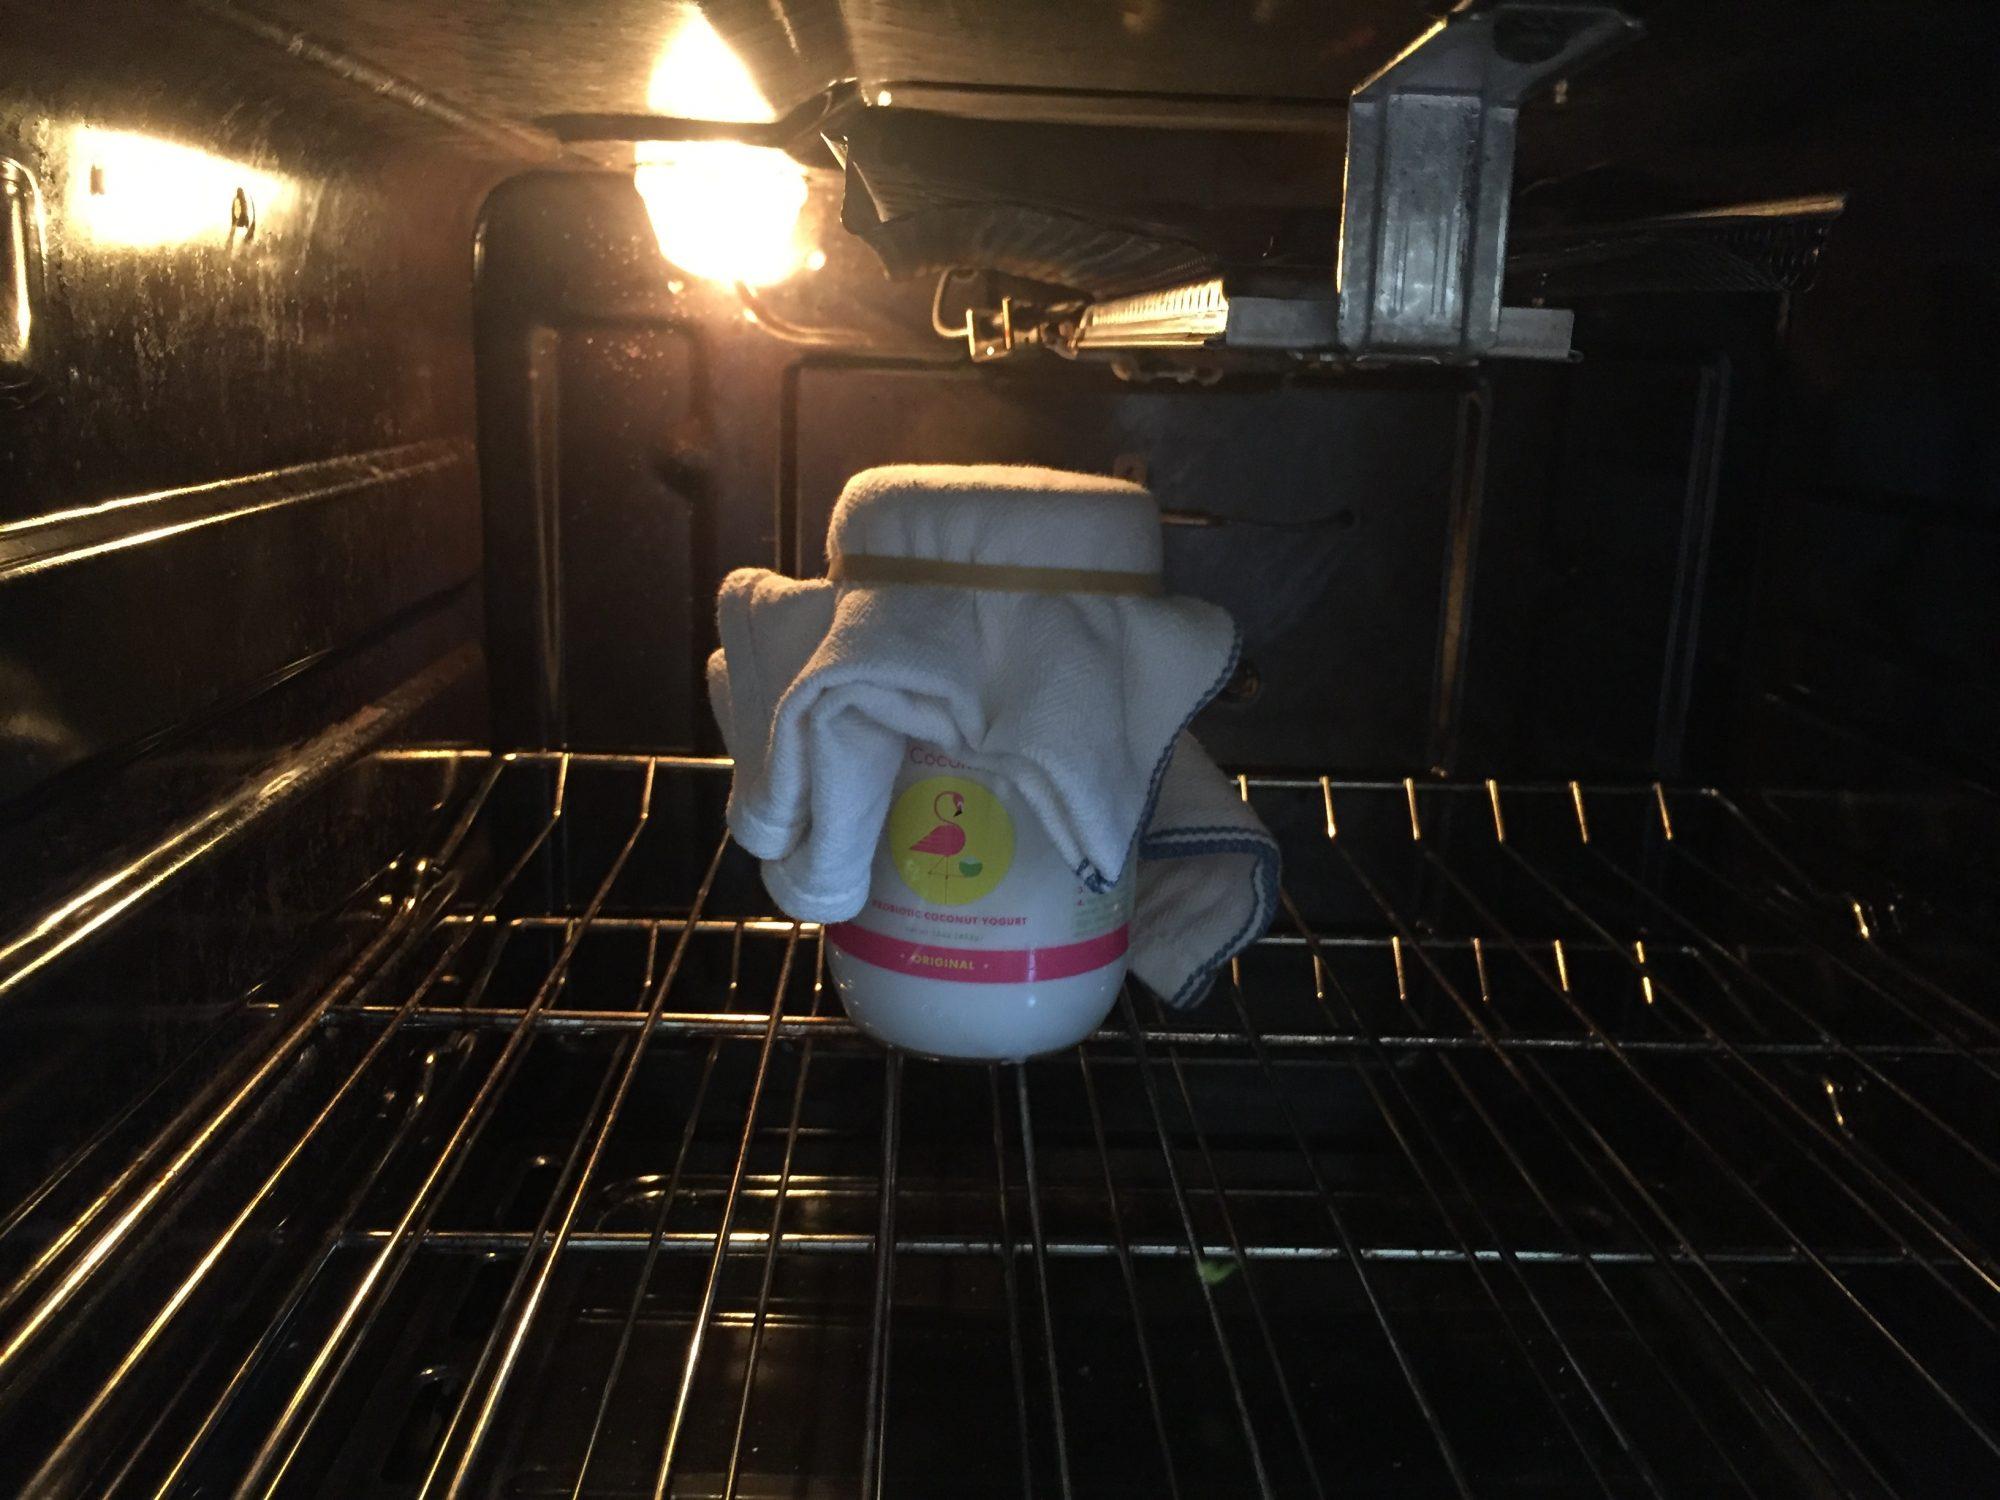 coconut-cult-reboot-oven.jpg